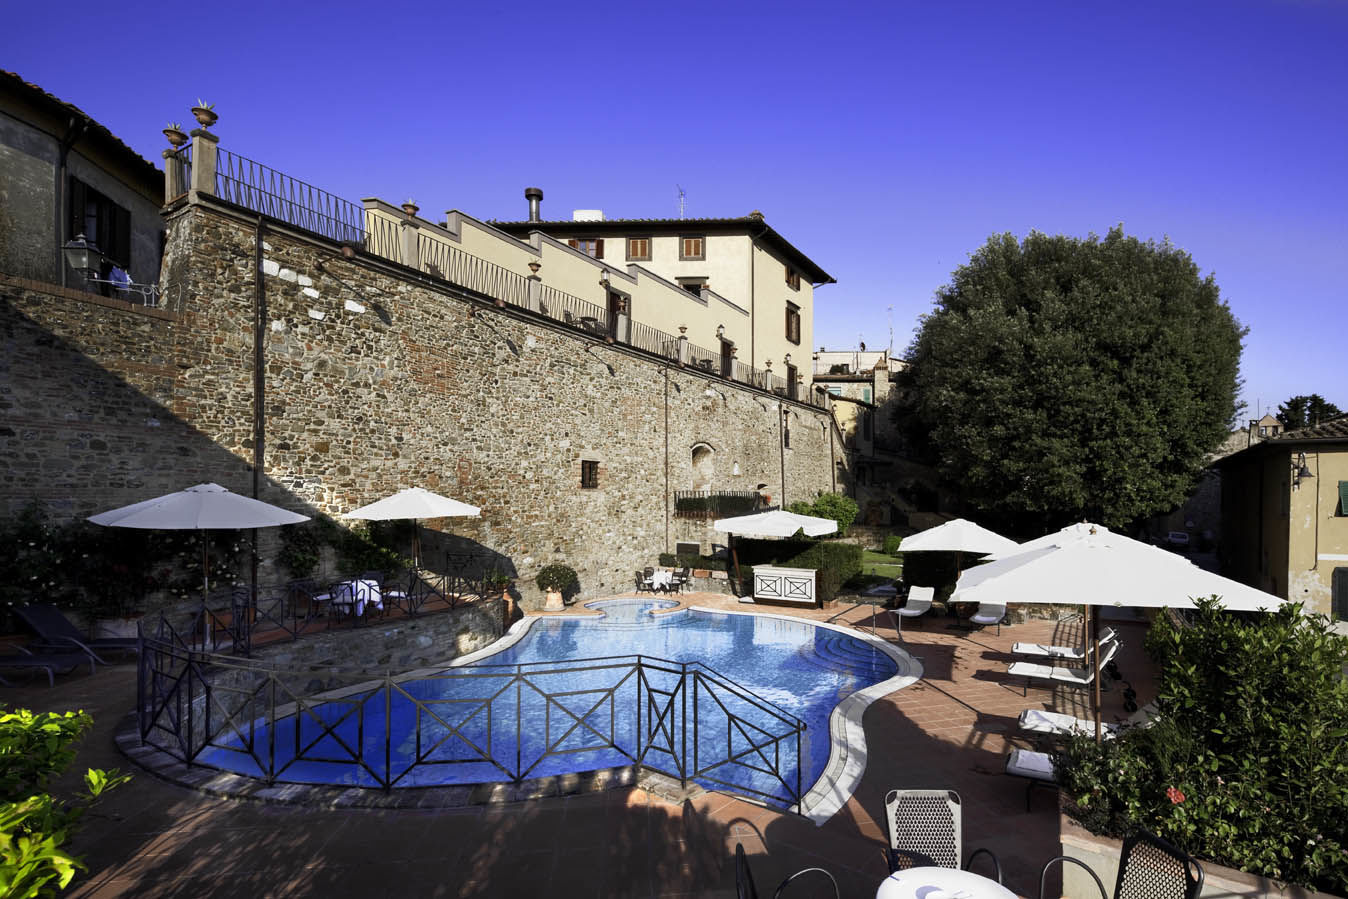 Hôtel una palazzo mannaioni 4* avec location de voiture